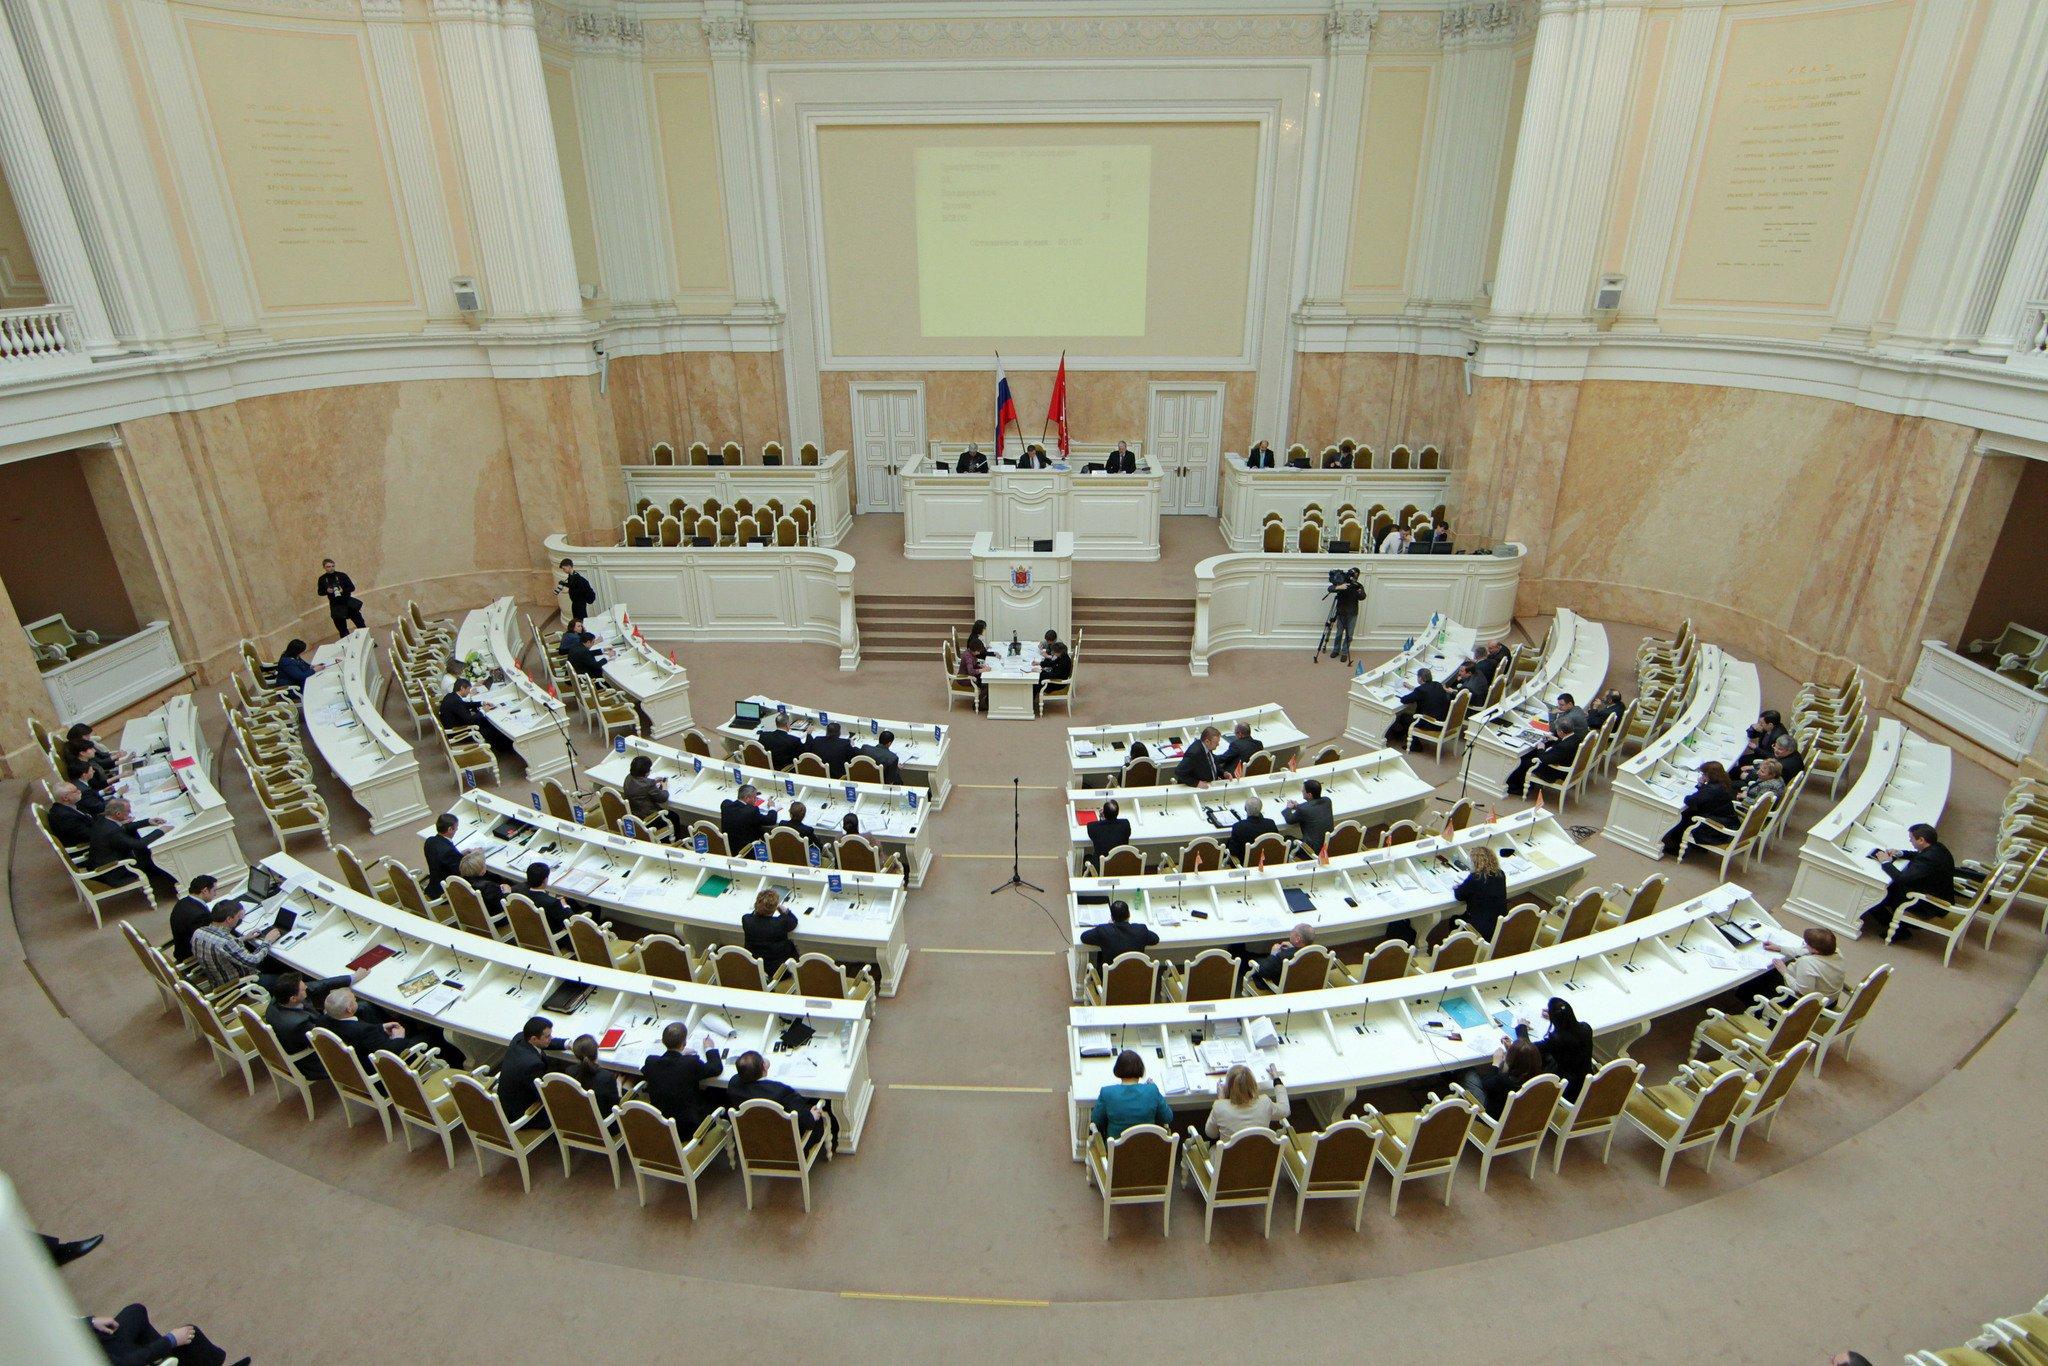 Беглов блестяще выступил в Мариинском дворце, а соратники Макарова сели в лужу